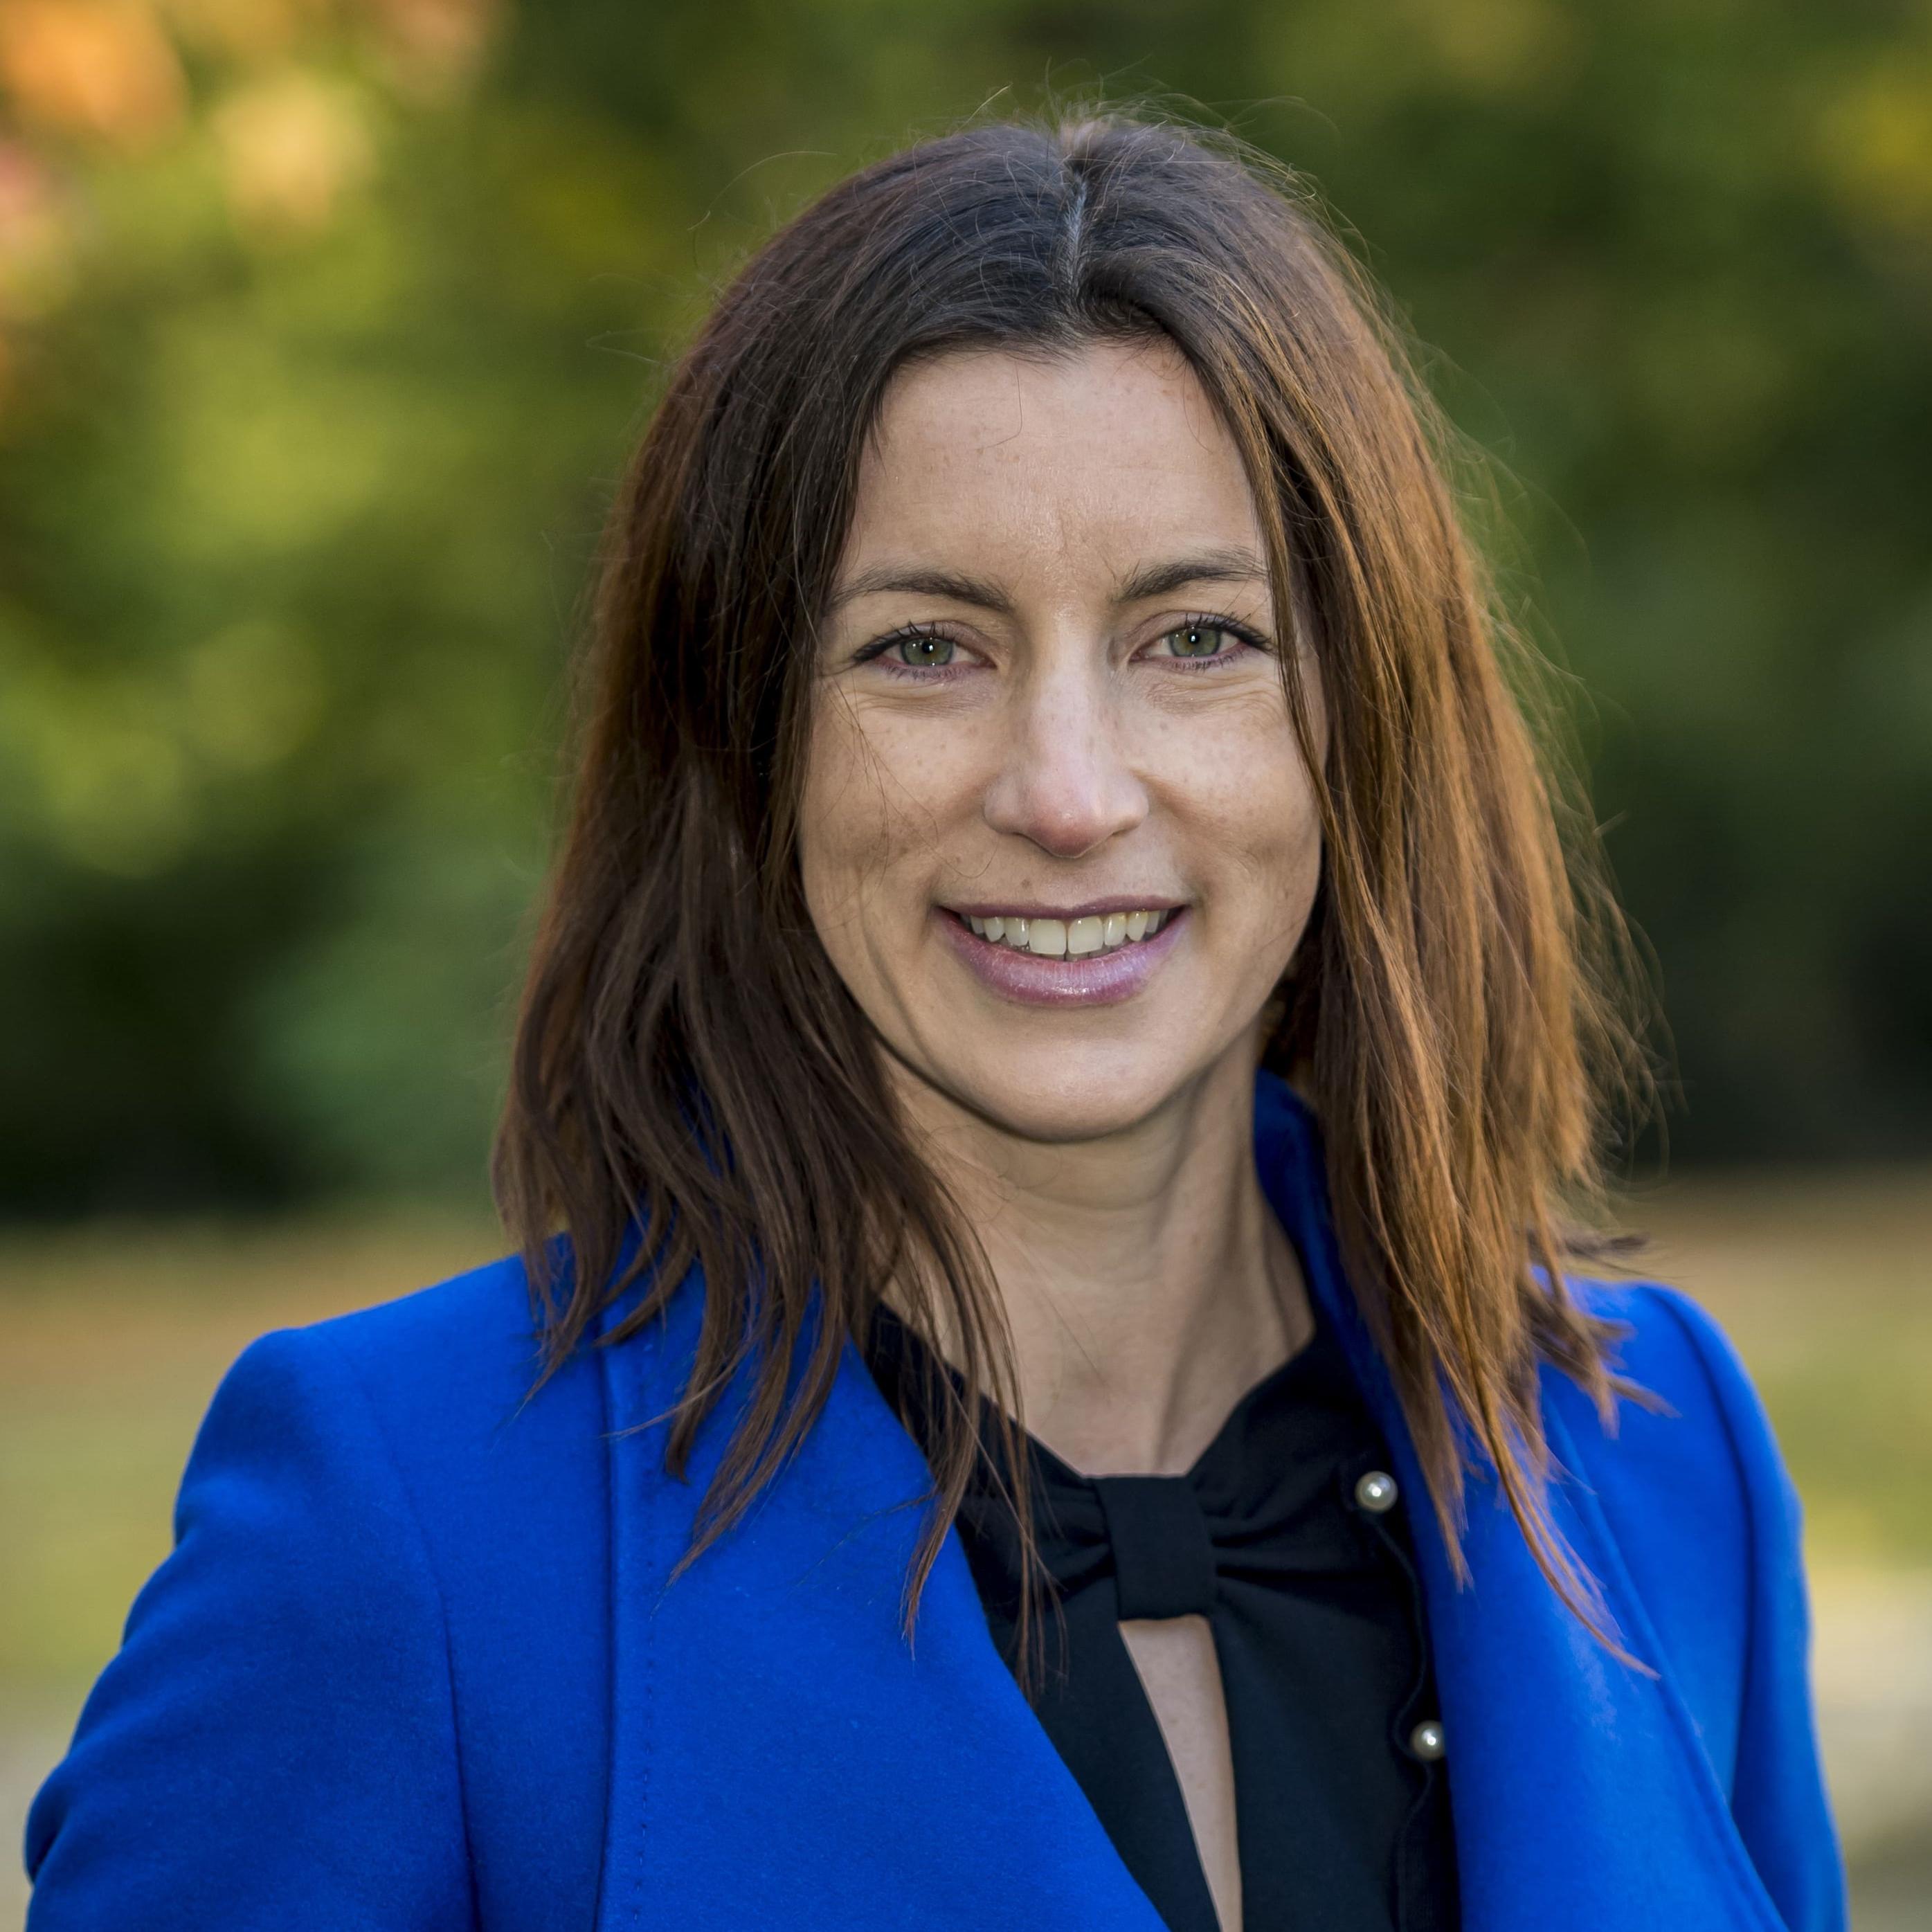 Dr Kristen MacAskill